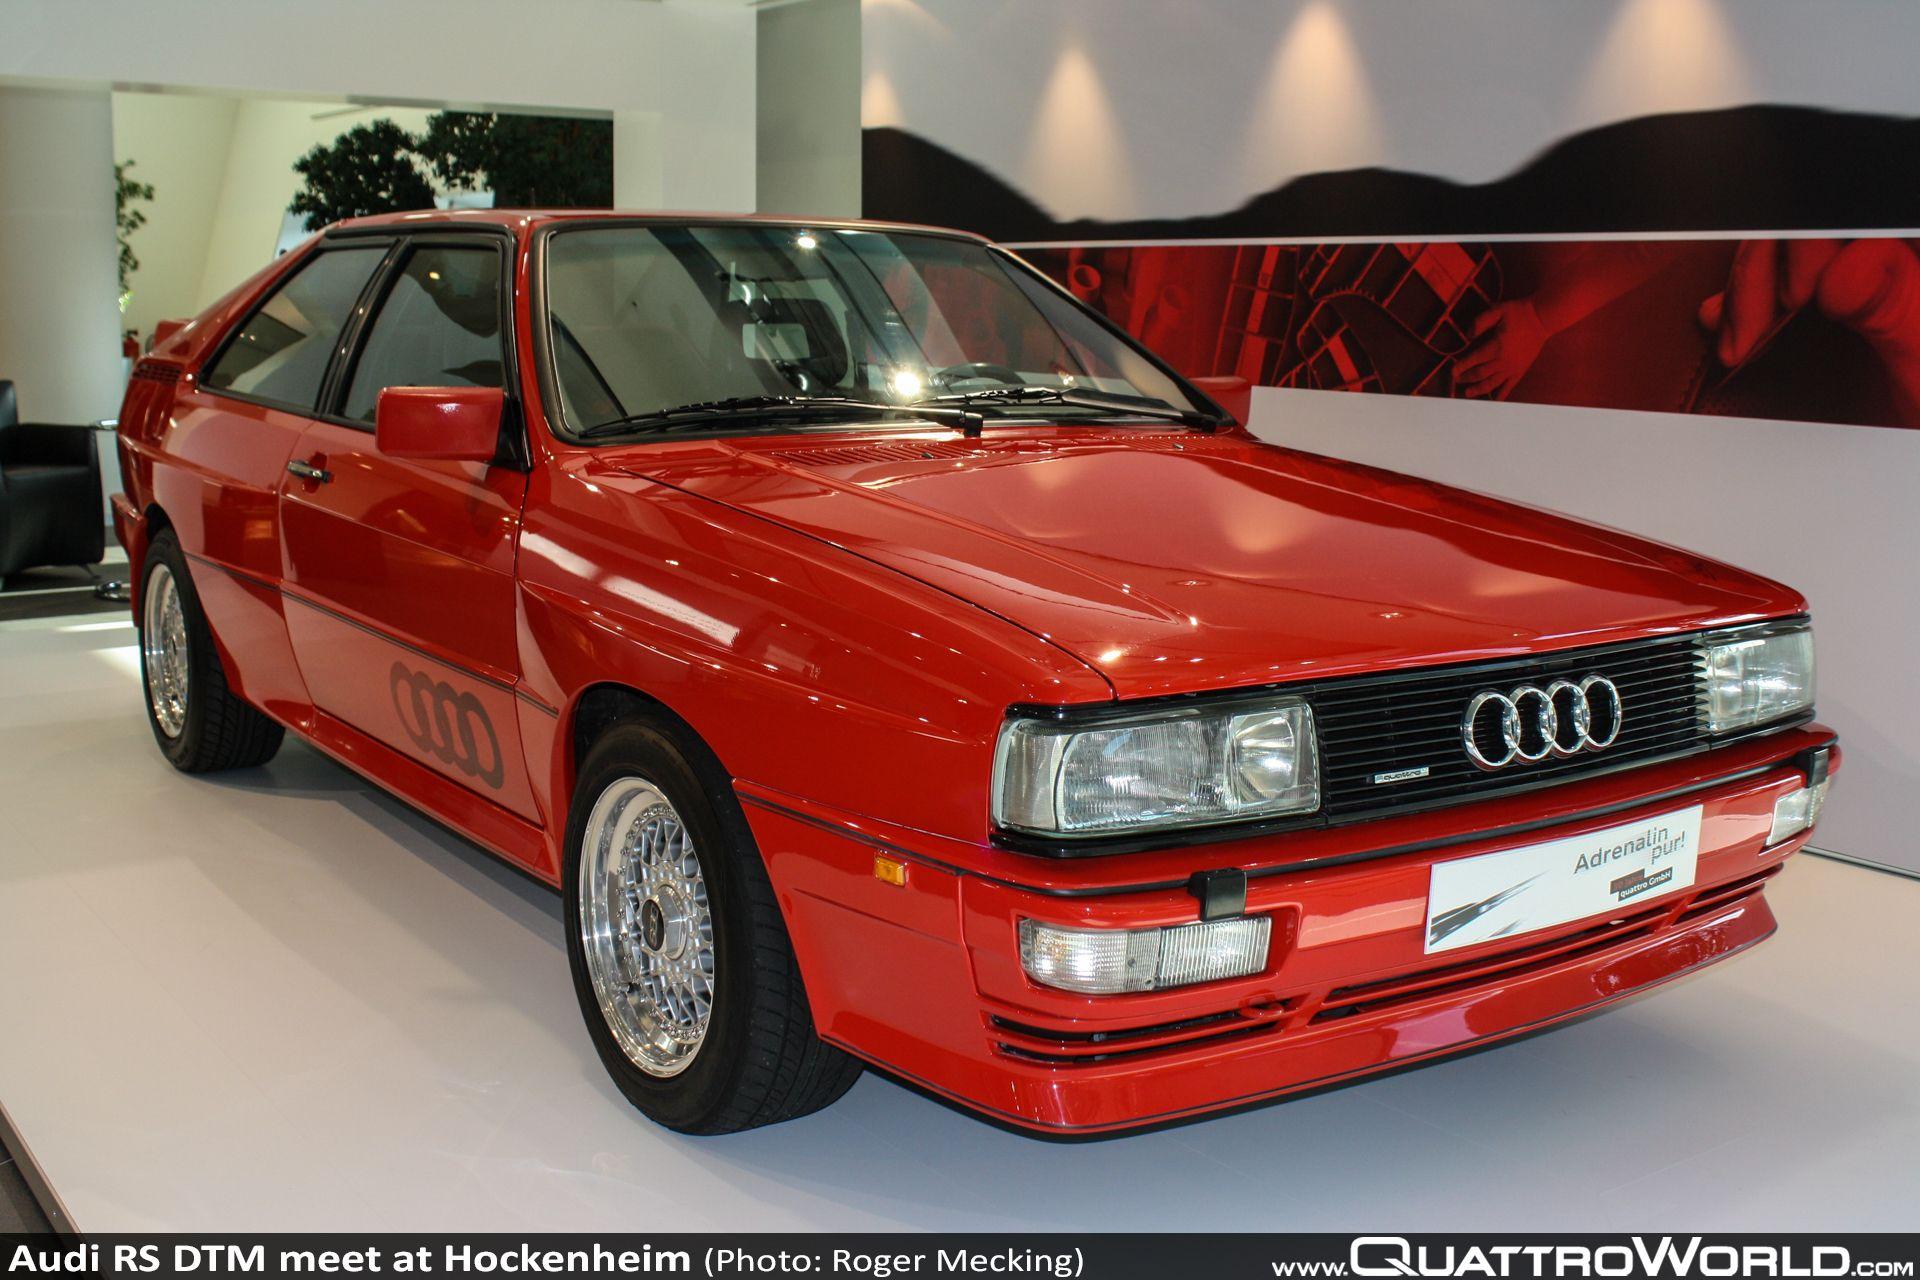 1989 quattro Coupe 20V   Audi, Audi rs, Audi cars